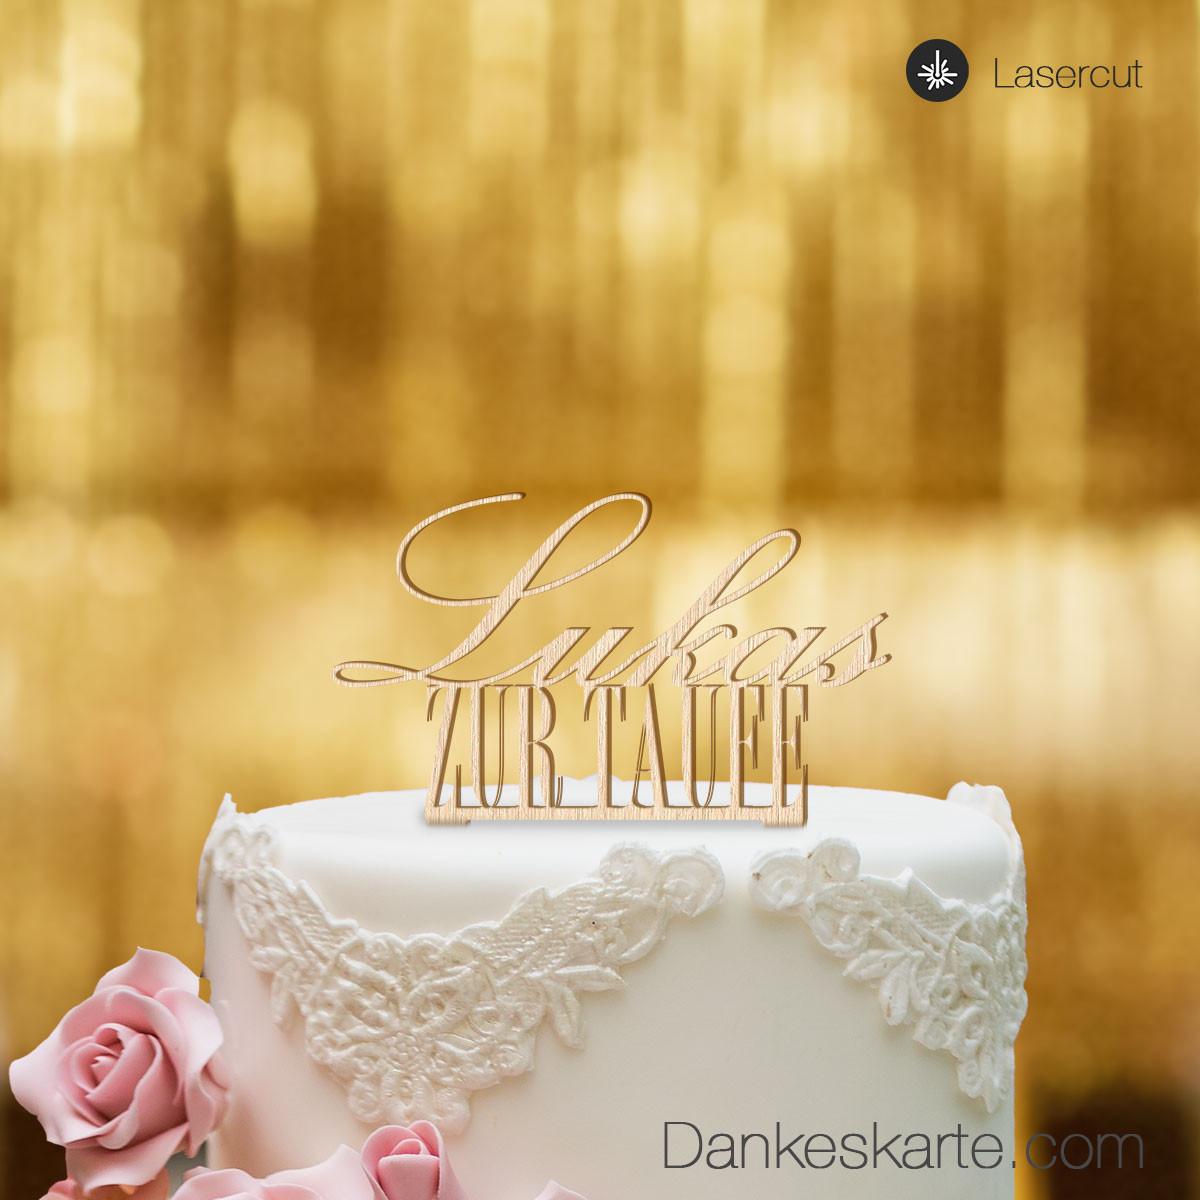 Cake Topper Zur Taufe Personalisiert Buchenholz Xl